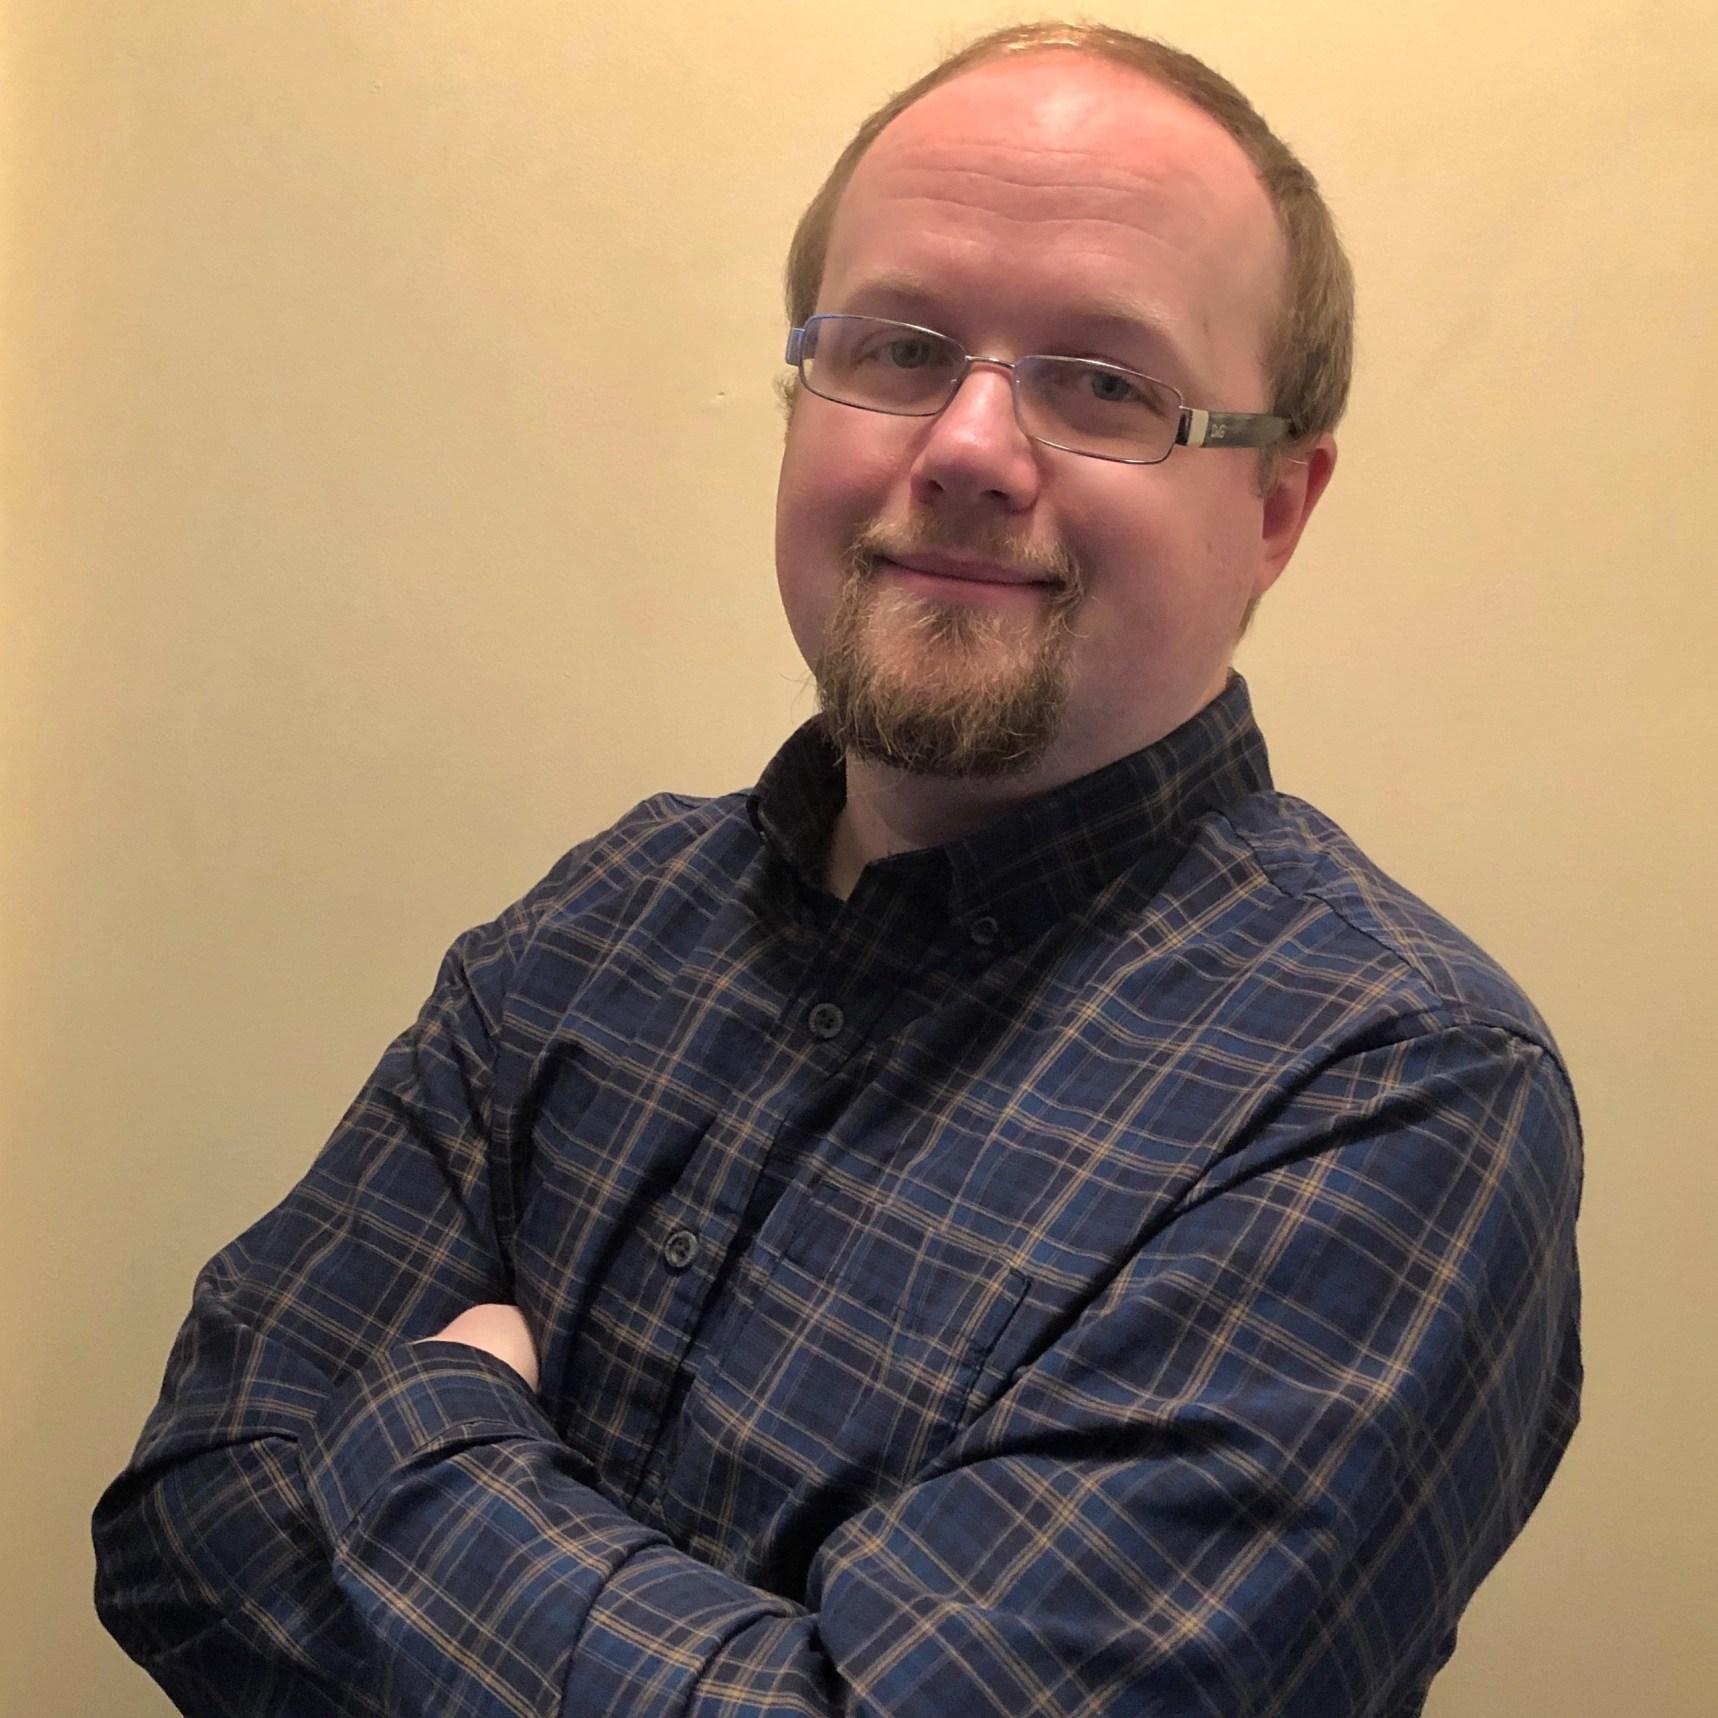 Steve Shideler